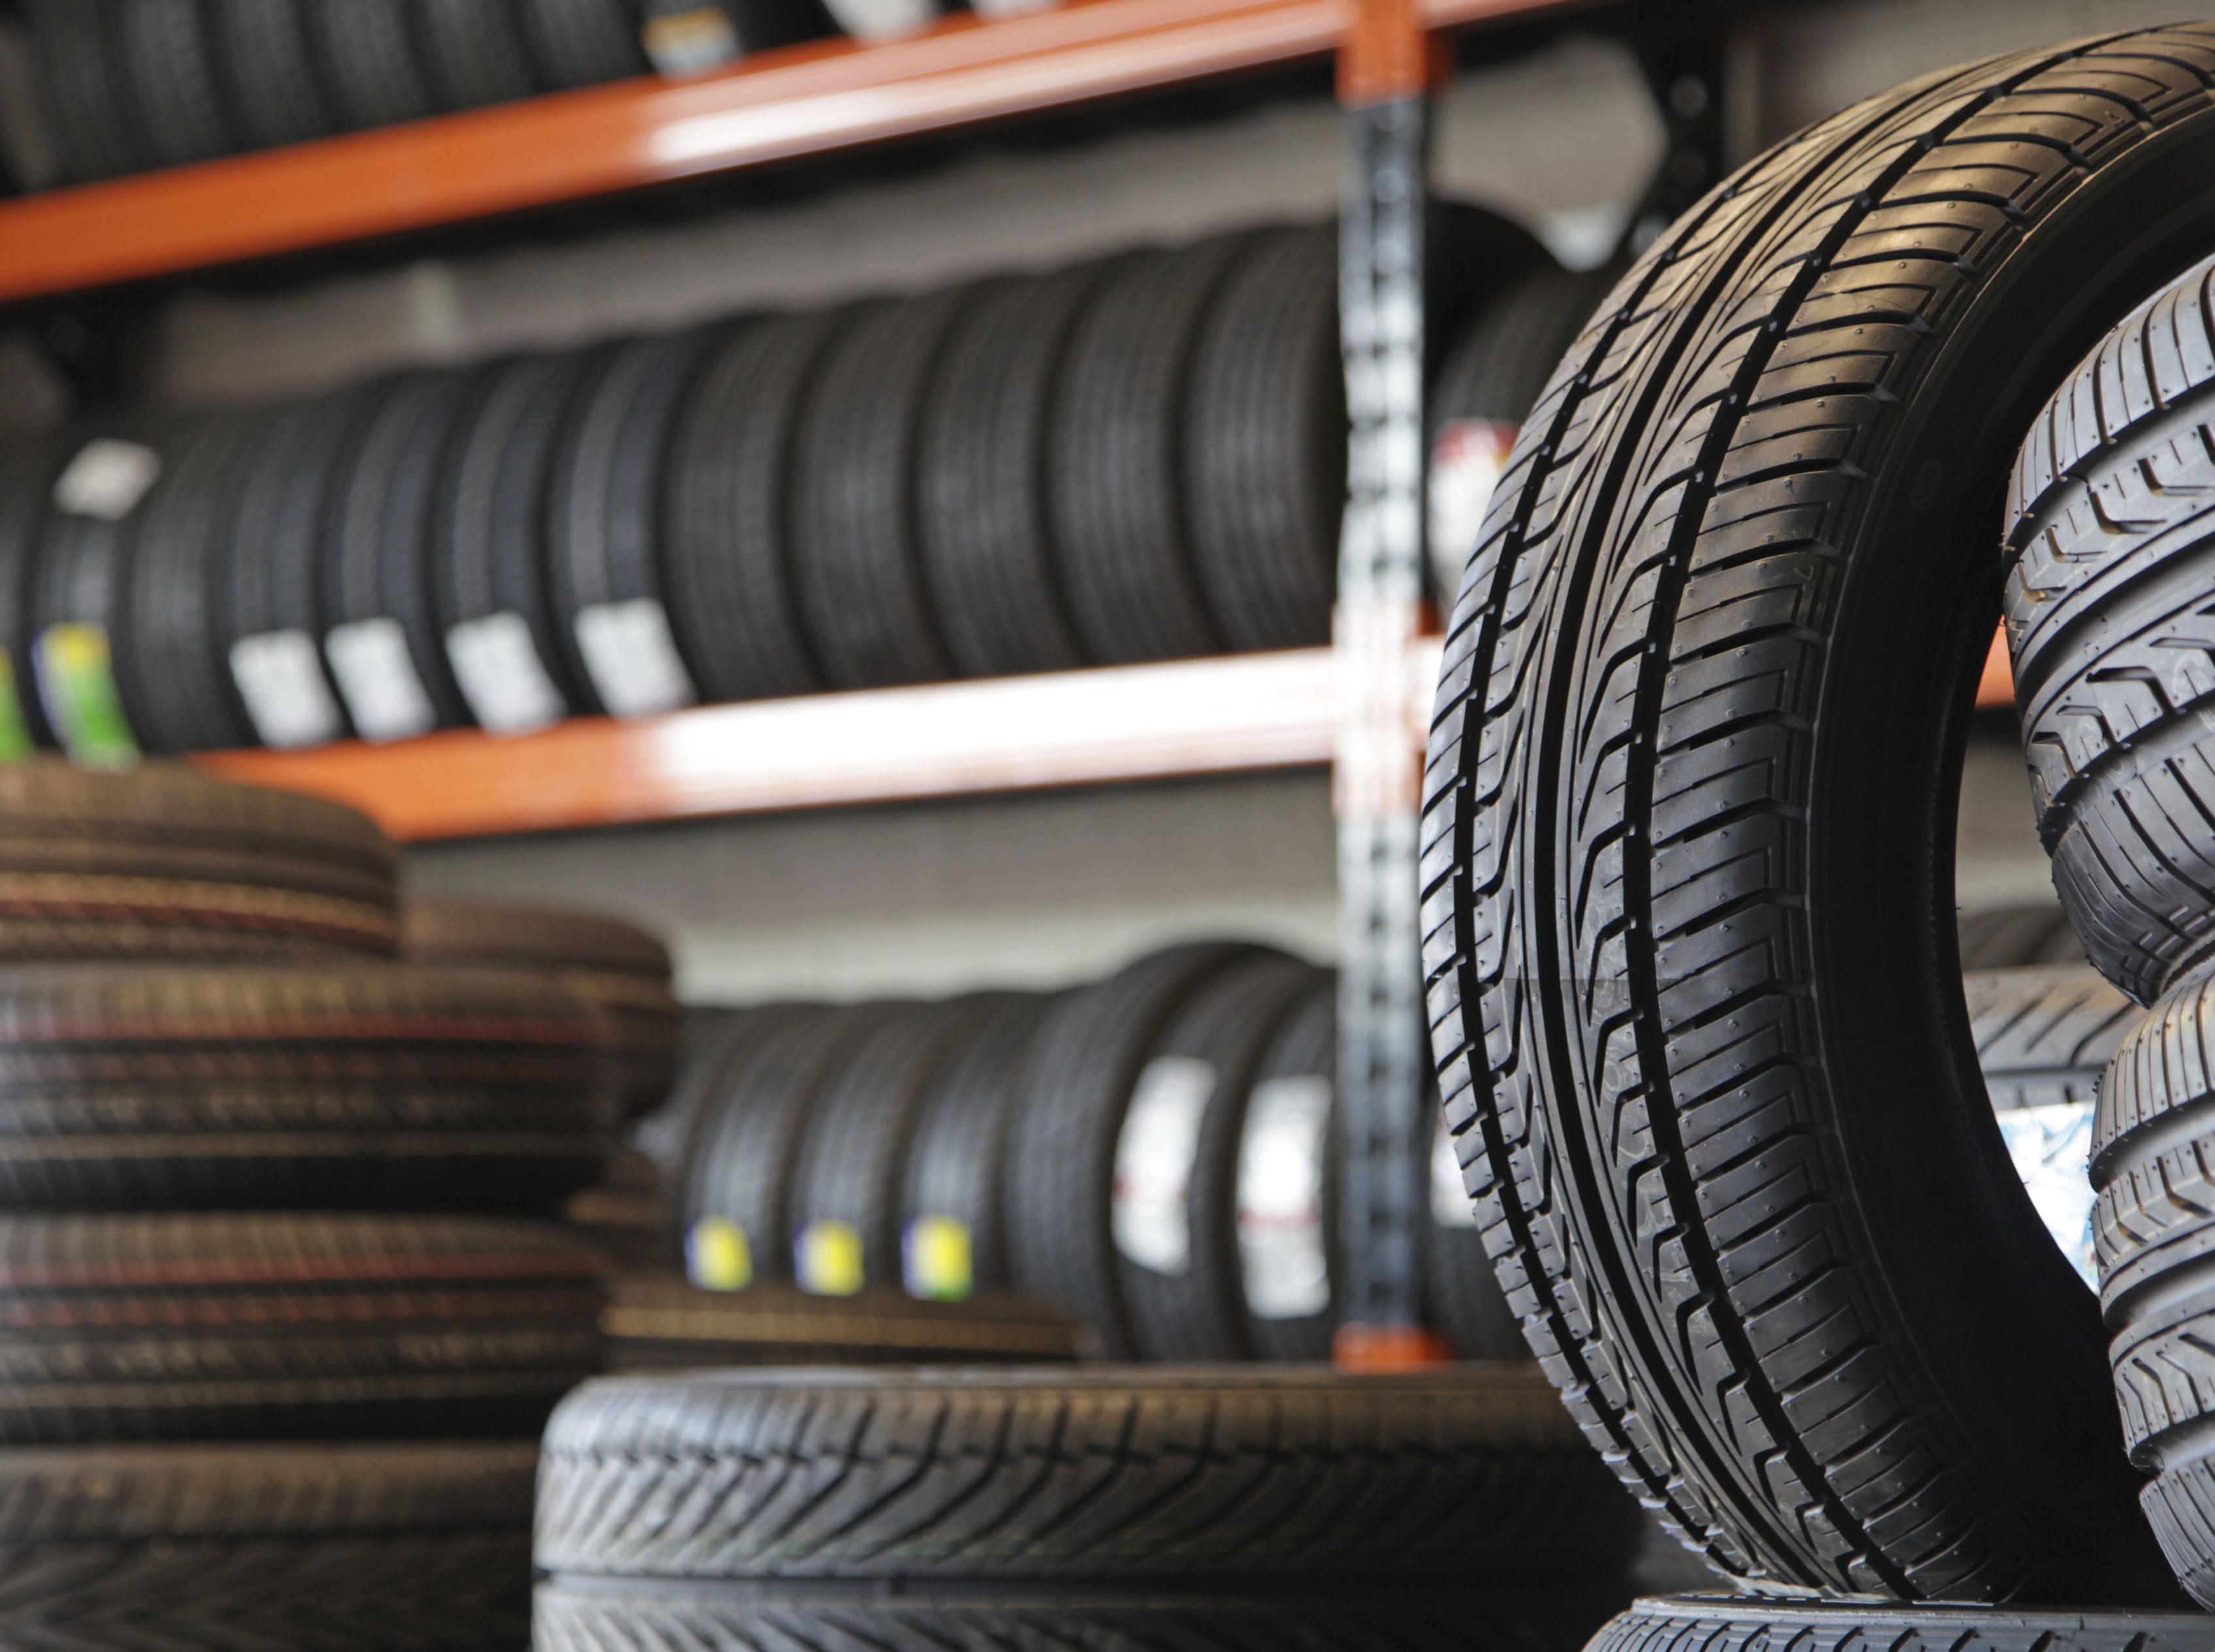 Tenemos un amplio surtido de neumáticos de todas las marcas